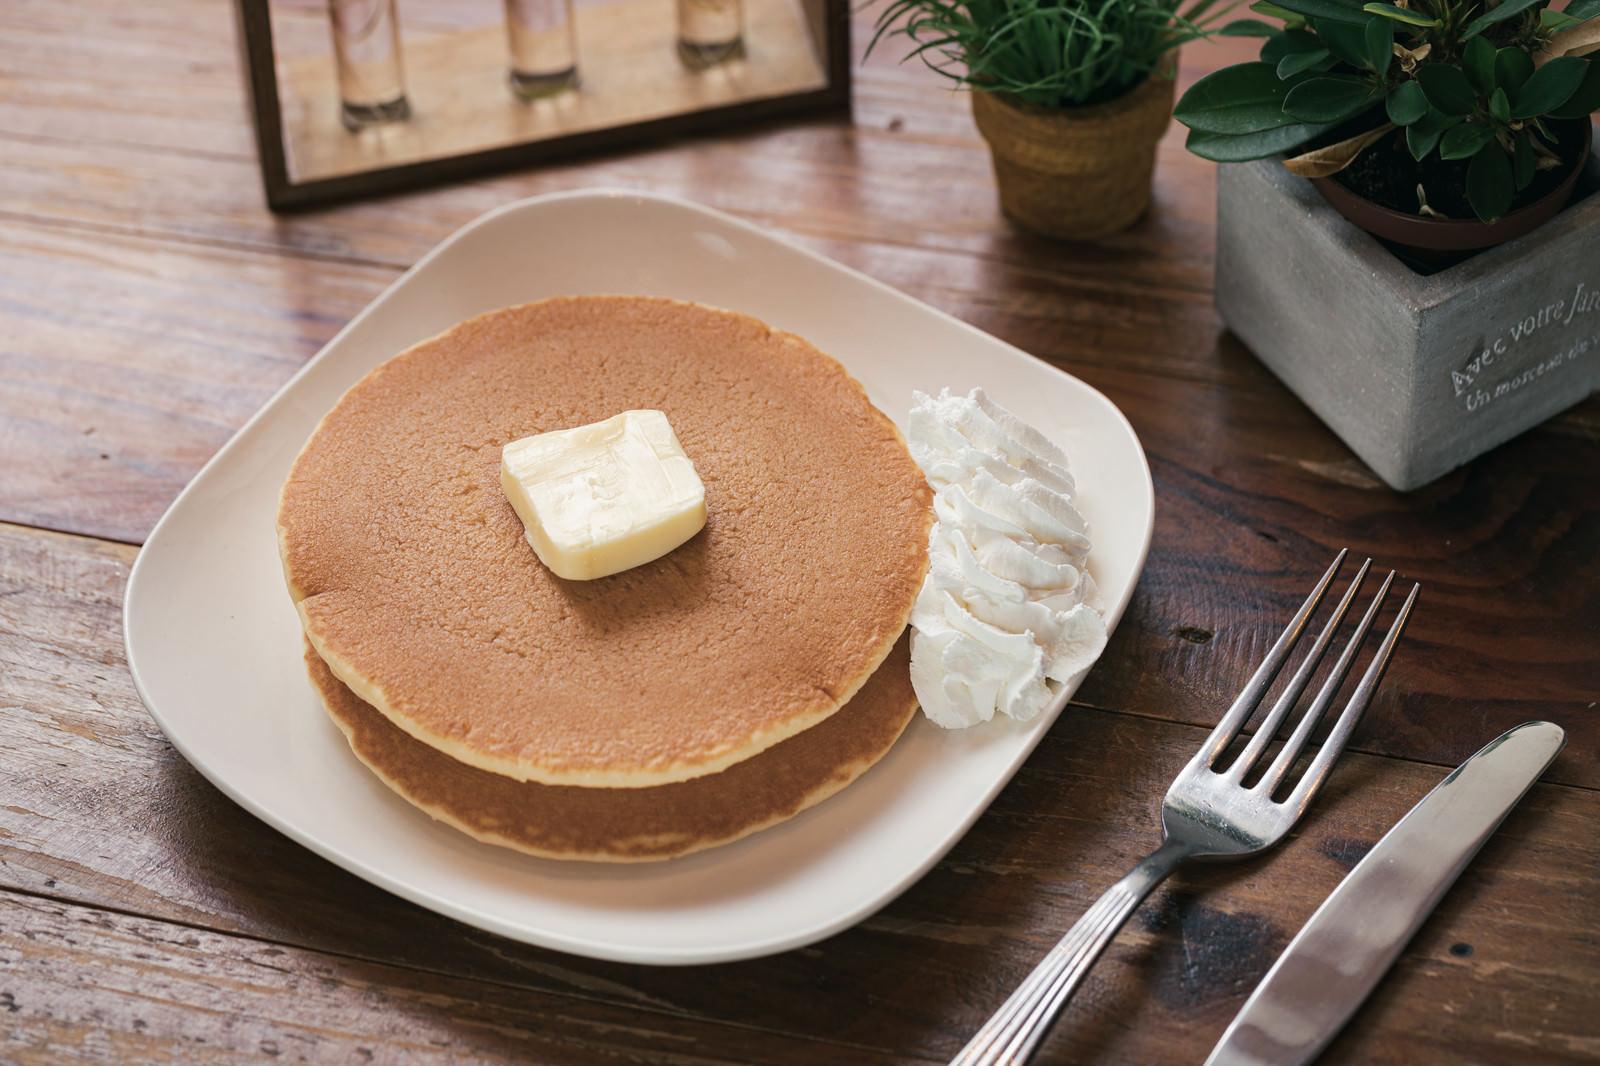 「バターとホイップクリームが添えられたパンケーキ」の写真